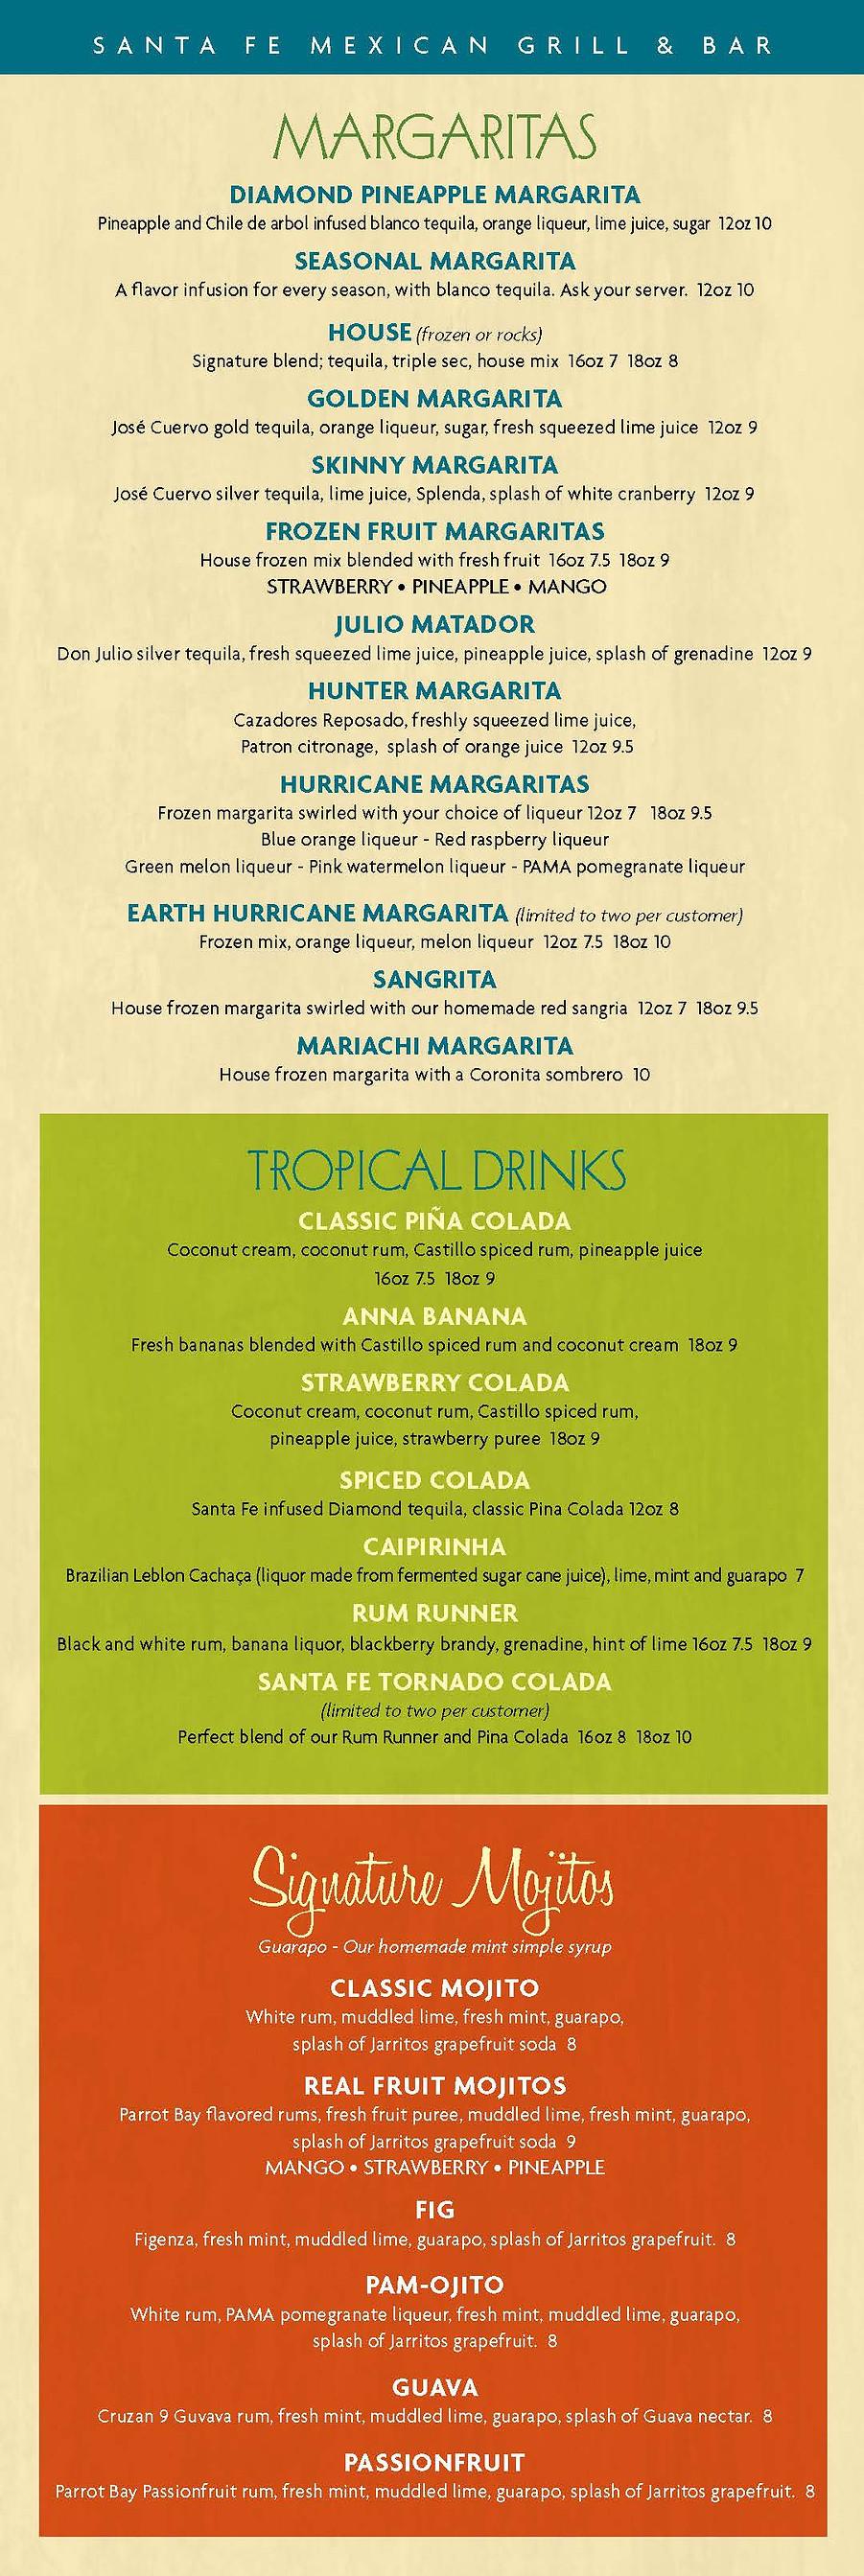 newark-drinks-menu-2015_Page_1.jpg